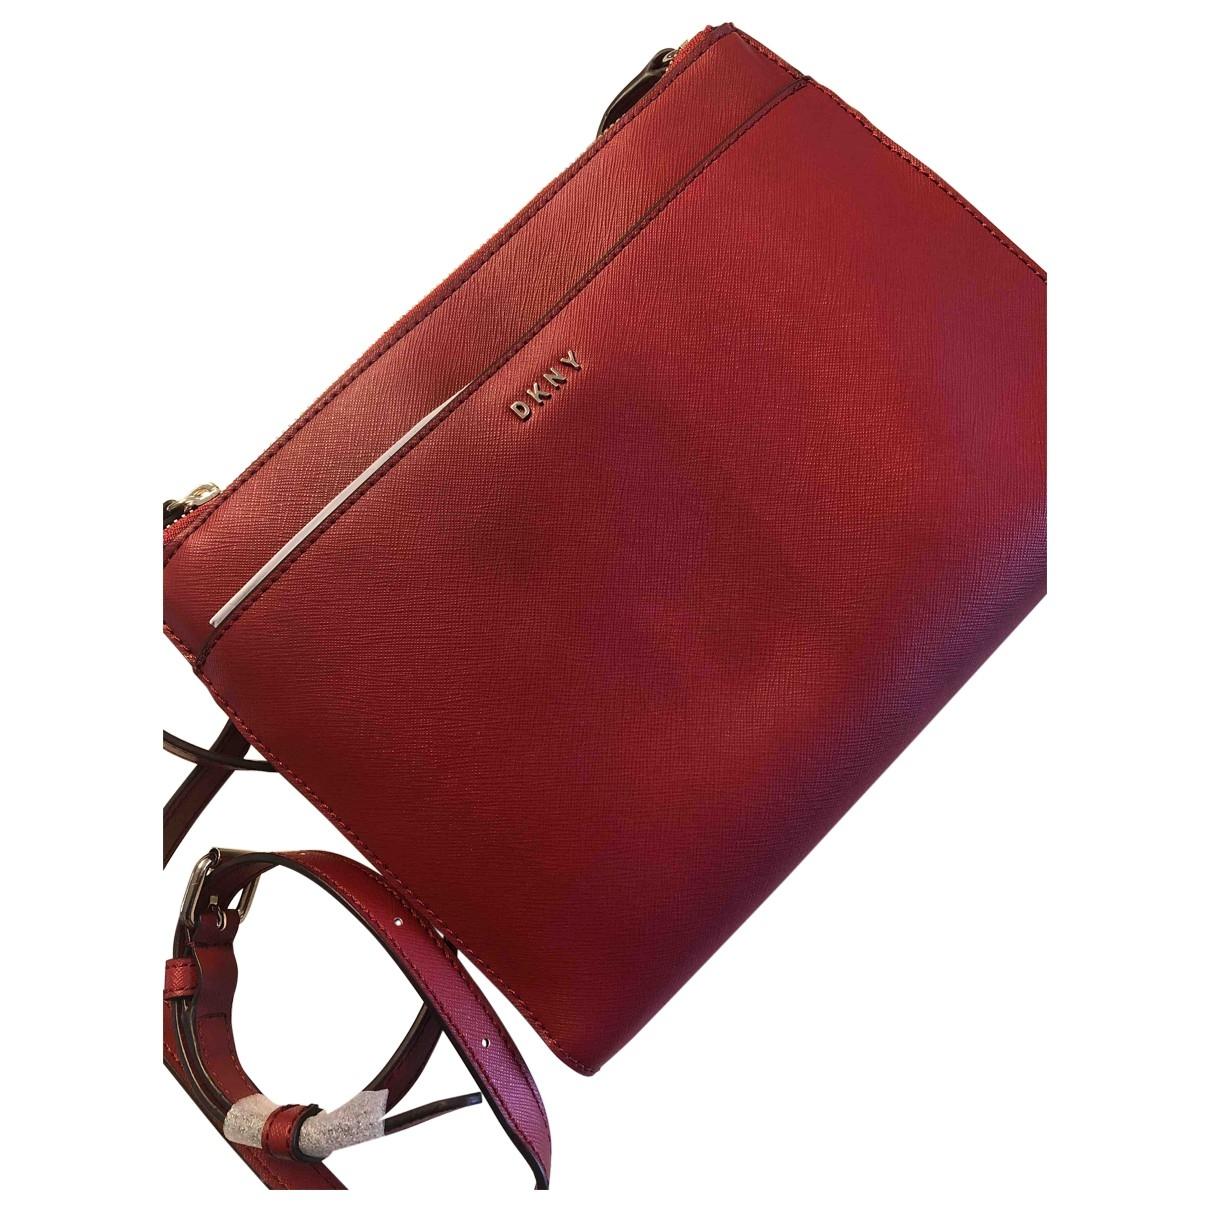 Dkny \N Handtasche in  Rot Leder